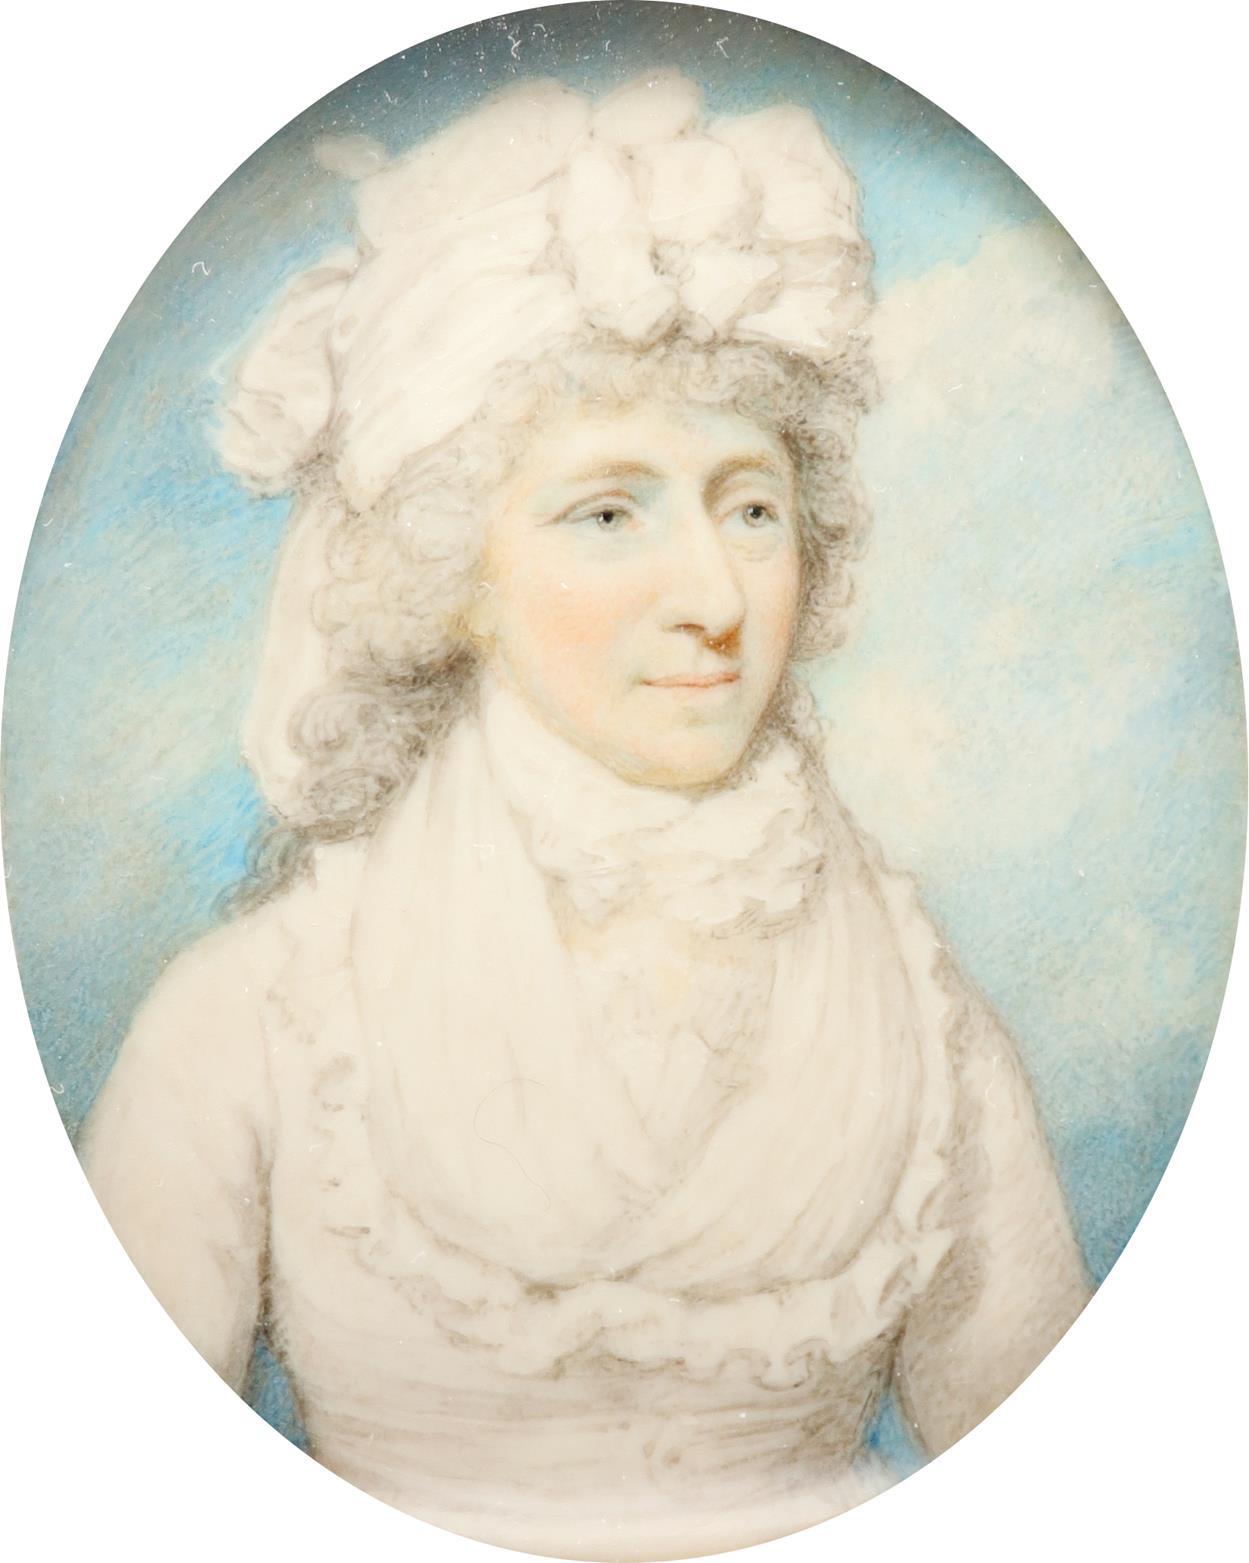 λHenry Edridge ARA (1768-1821) Portrait miniature of a lady, traditionally identified as Mrs James - Image 2 of 3